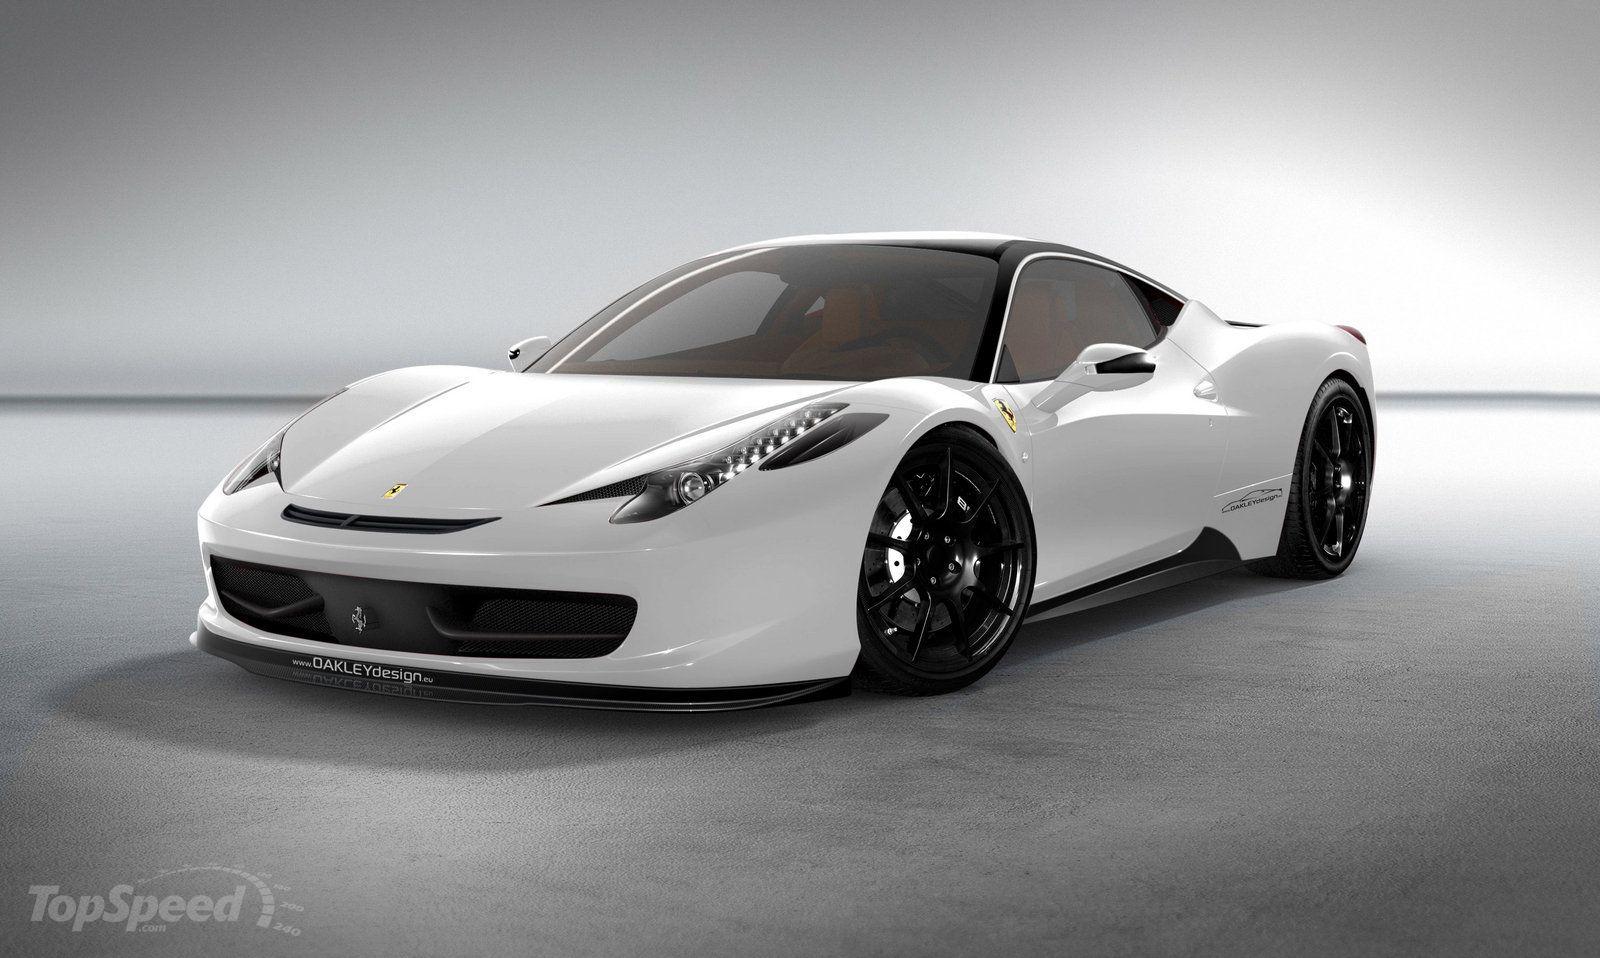 Car colour white - 458 Italy Ferrari 458 Italian Car White Colour Visible Dynamic